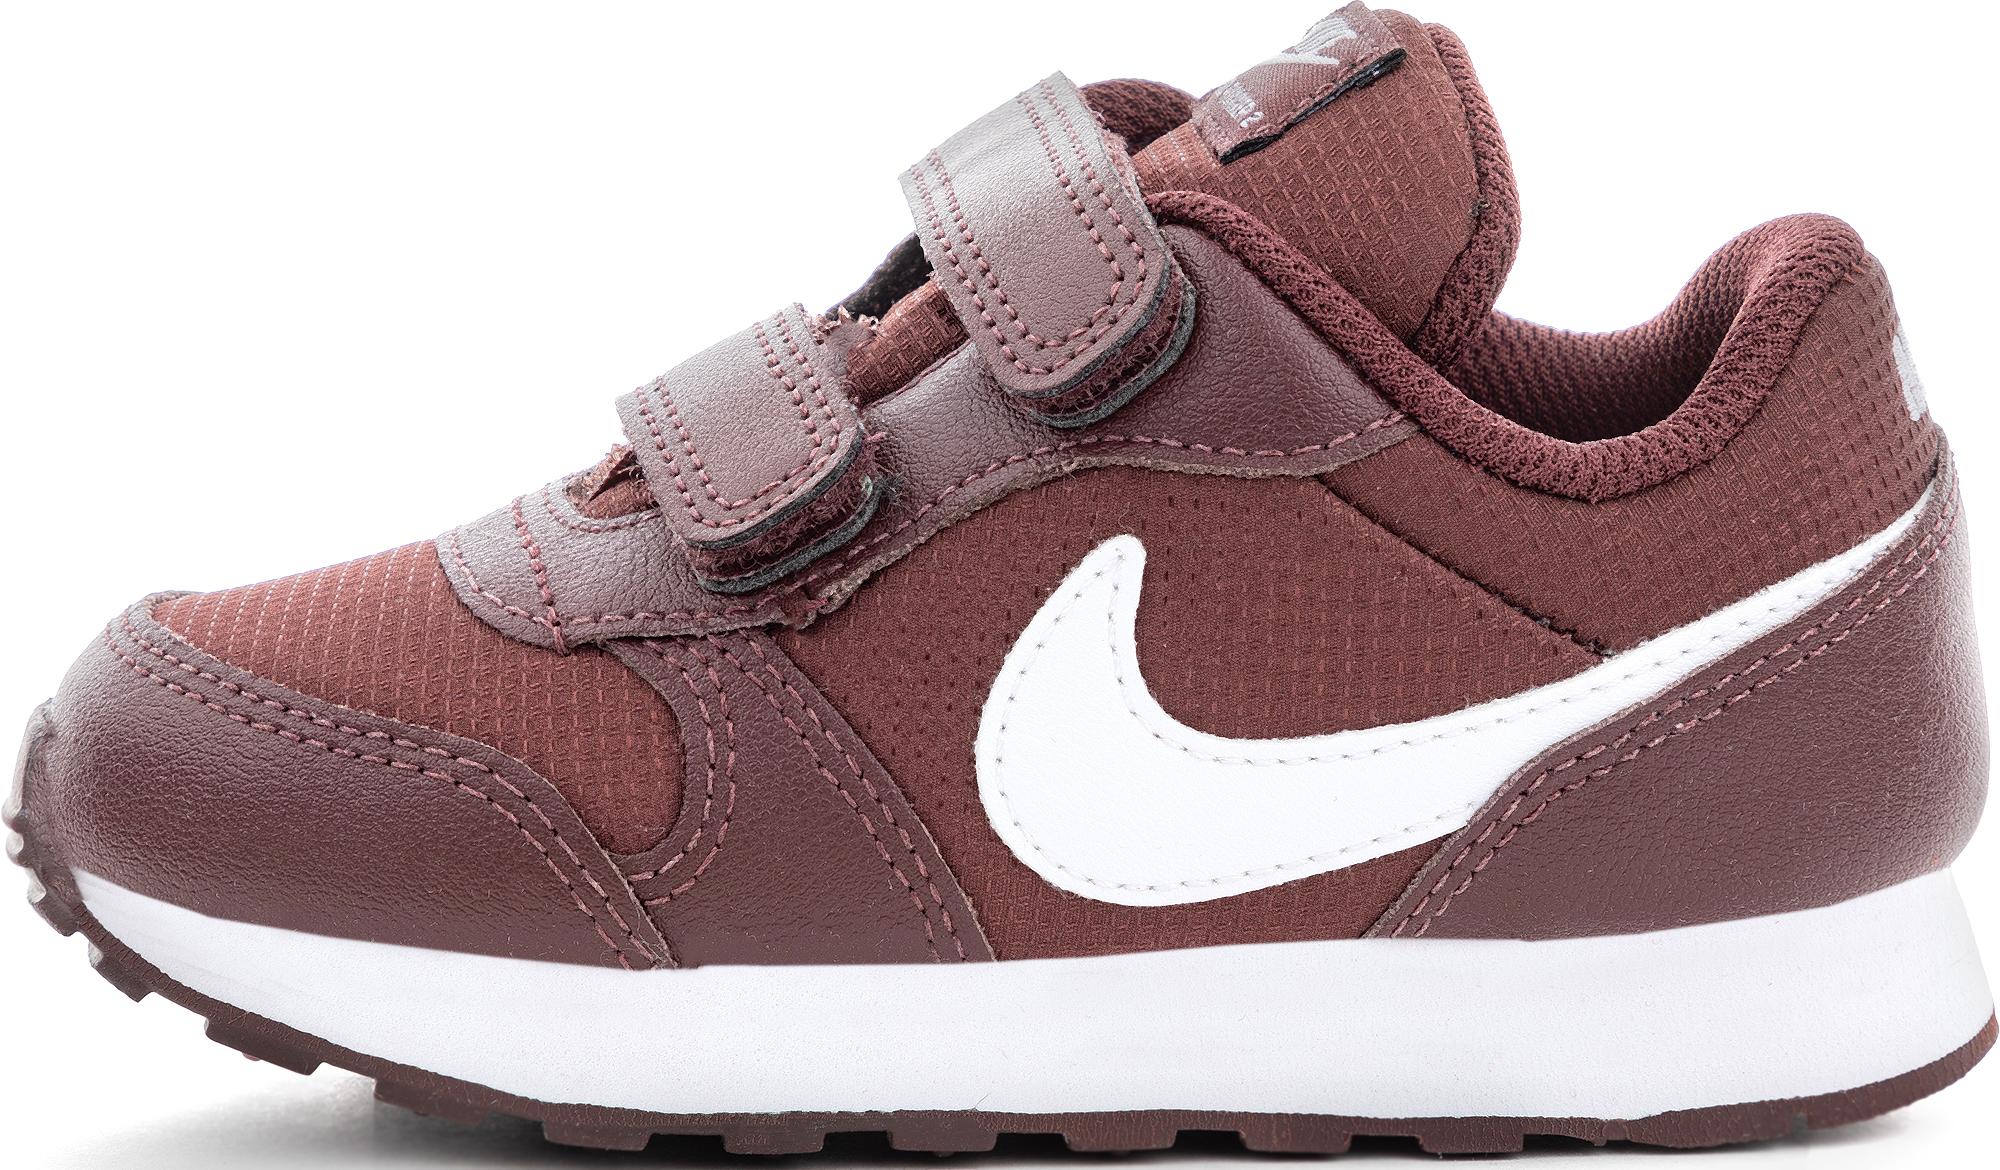 Nike Кроссовки детские MD Runner, размер 26